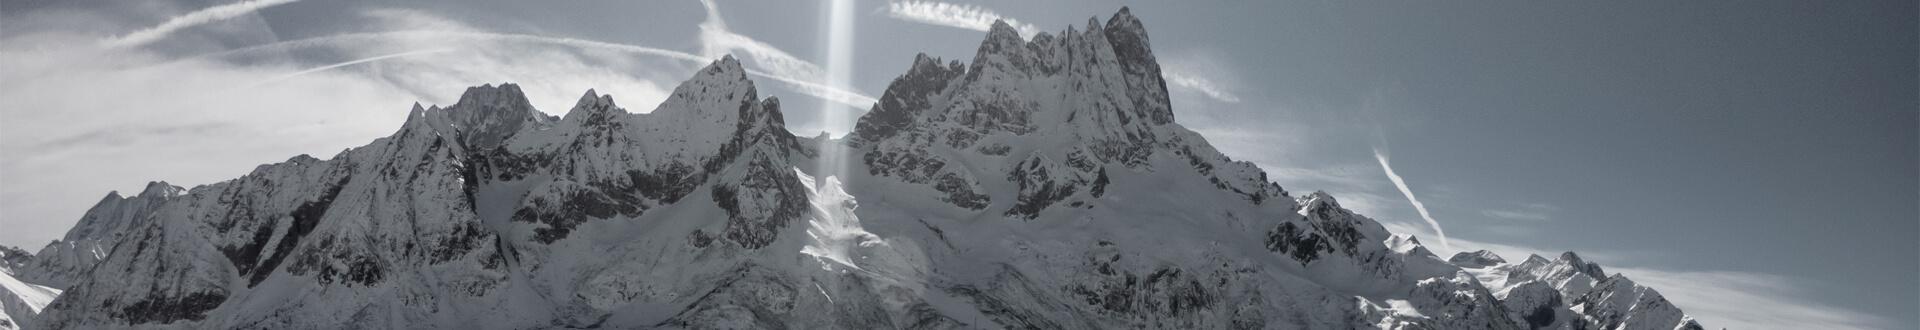 testata all mountain 1920x330 1